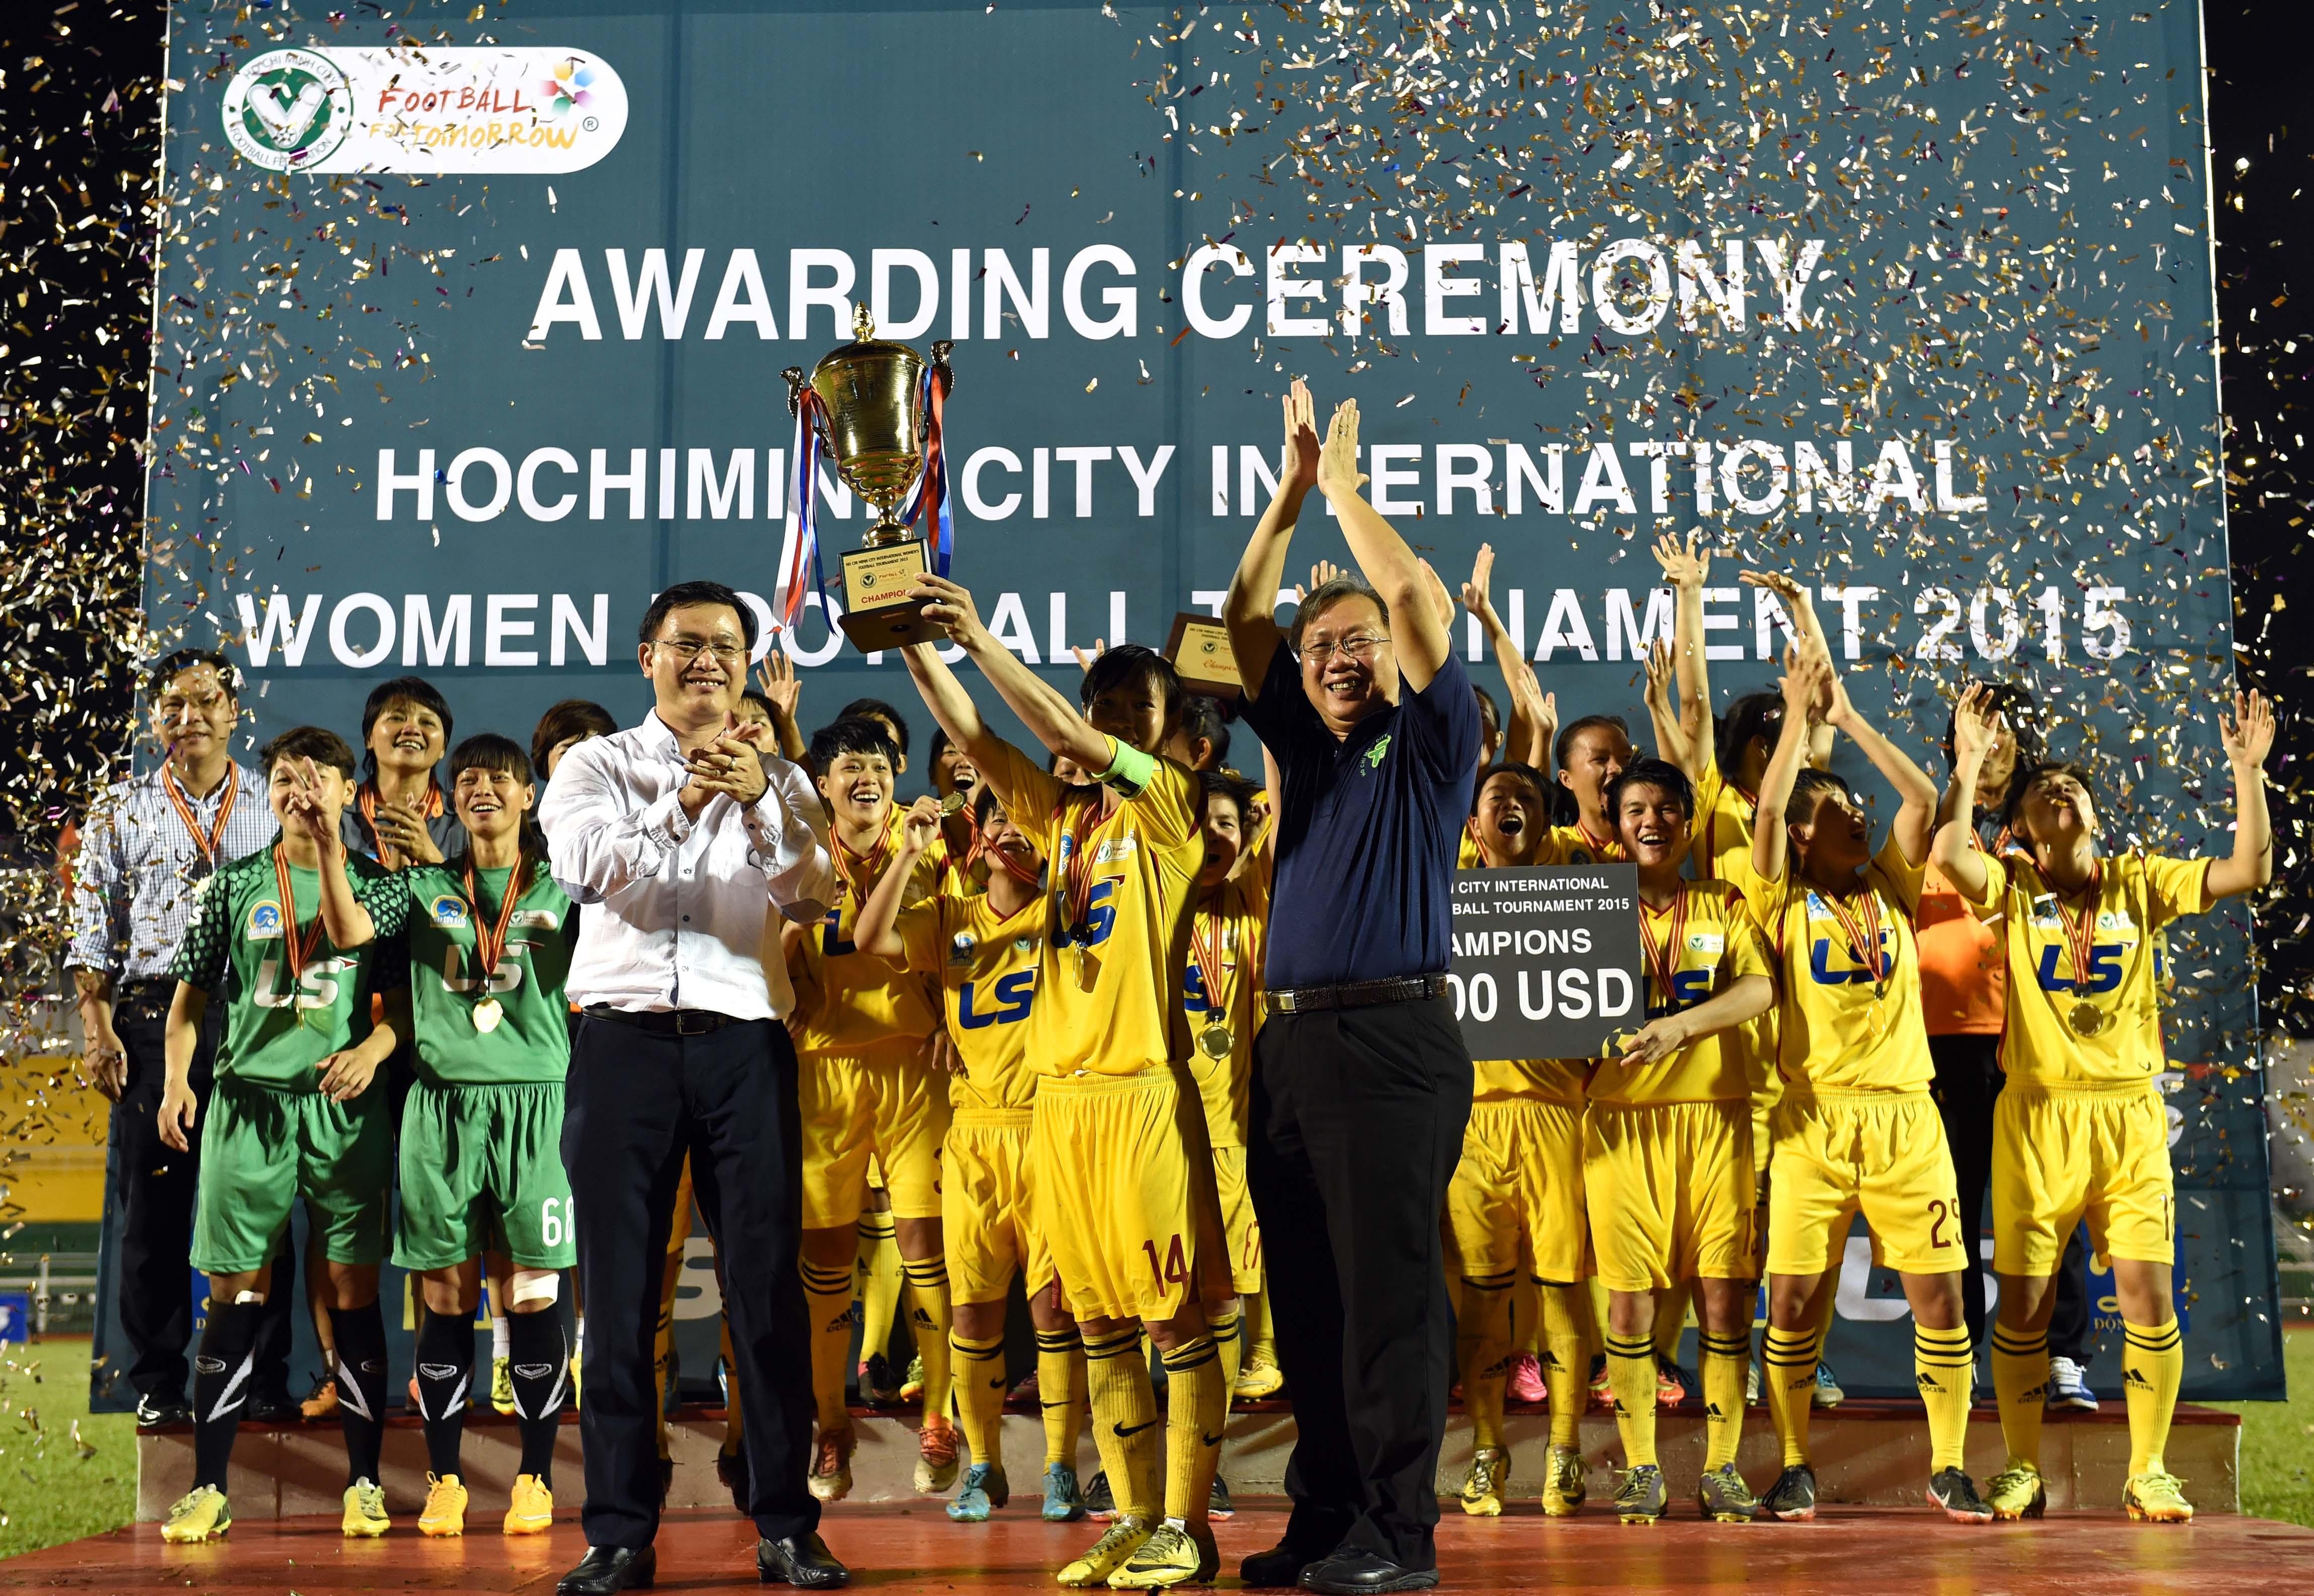 CLB Nữ TP.HCM đoạt Cúp vô địch Giải bóng đá nữ quốc tế TP.HCM 2015